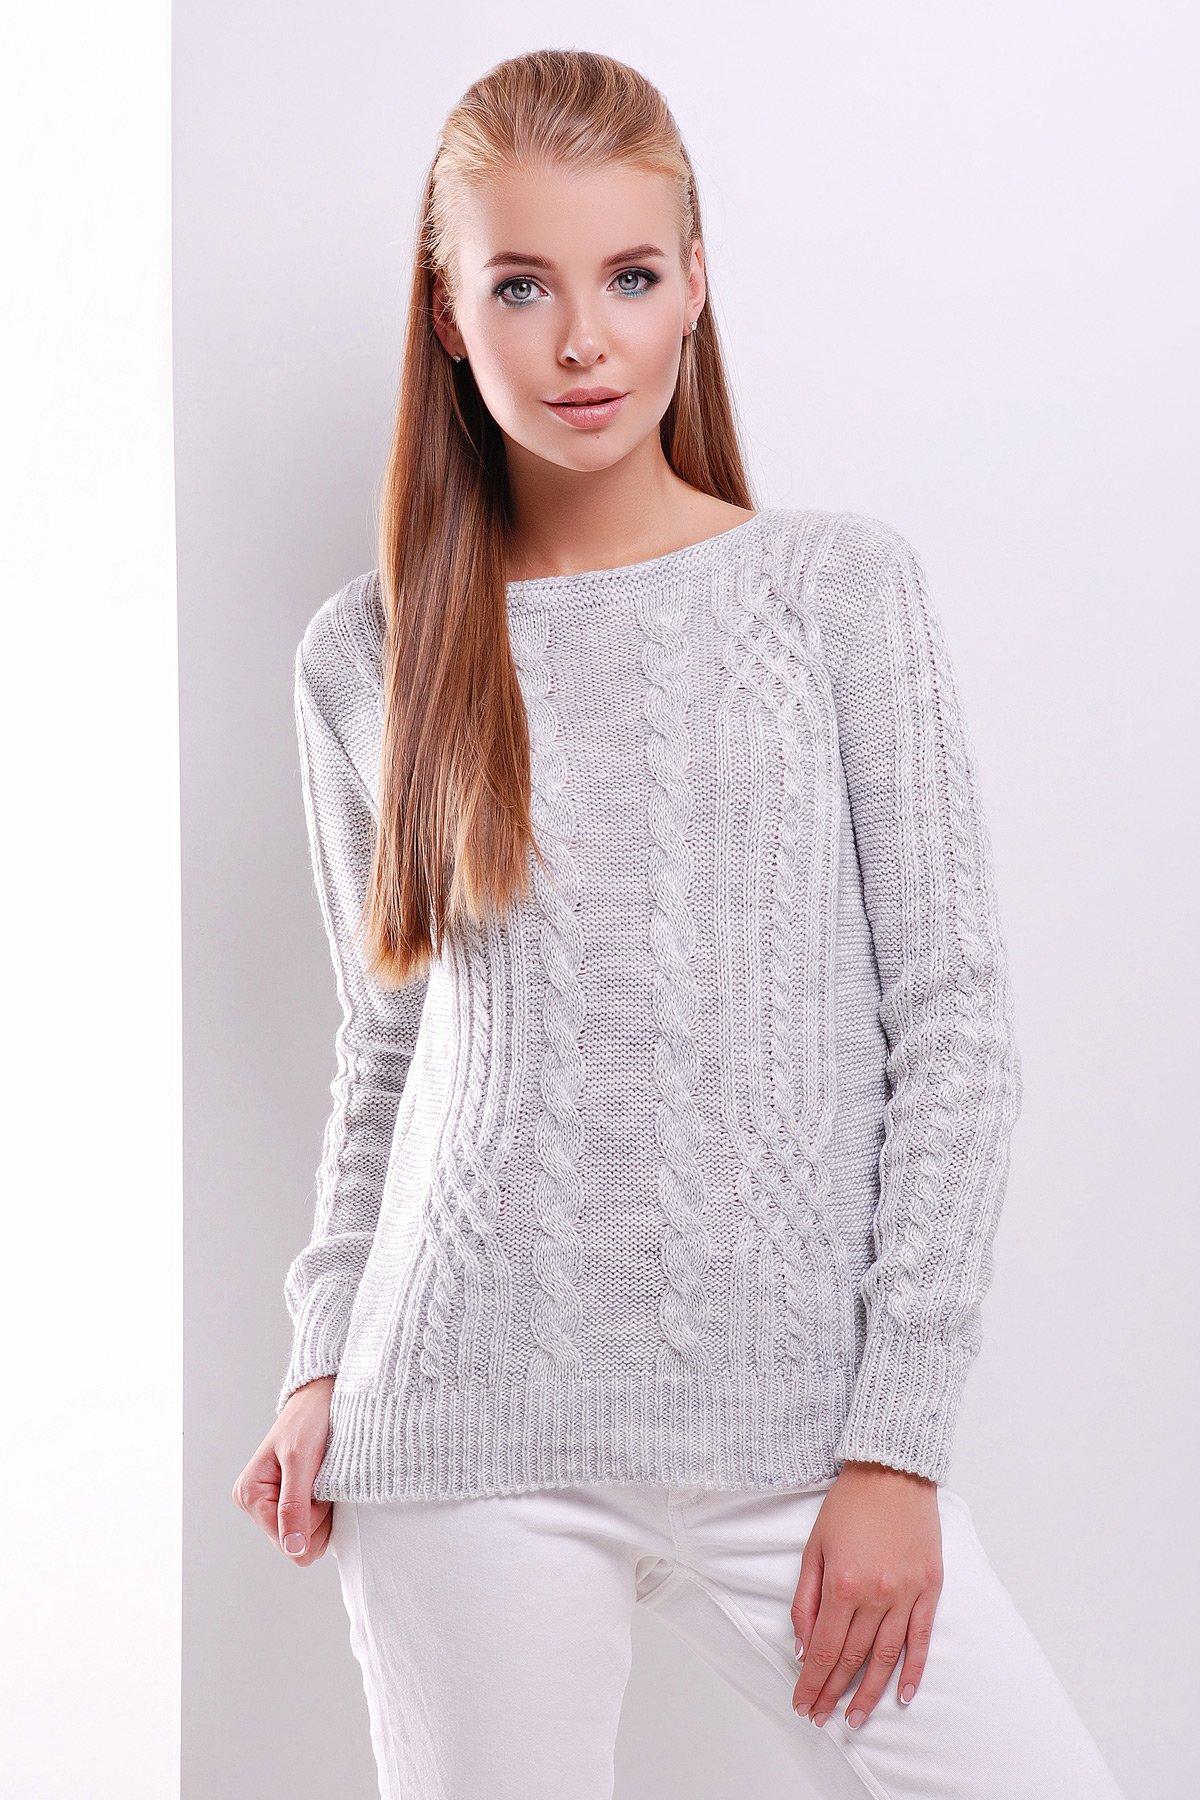 Плетений жіночий світло-сірий светр 15 - купити недорого — Donna ... 3aebc2016f04c